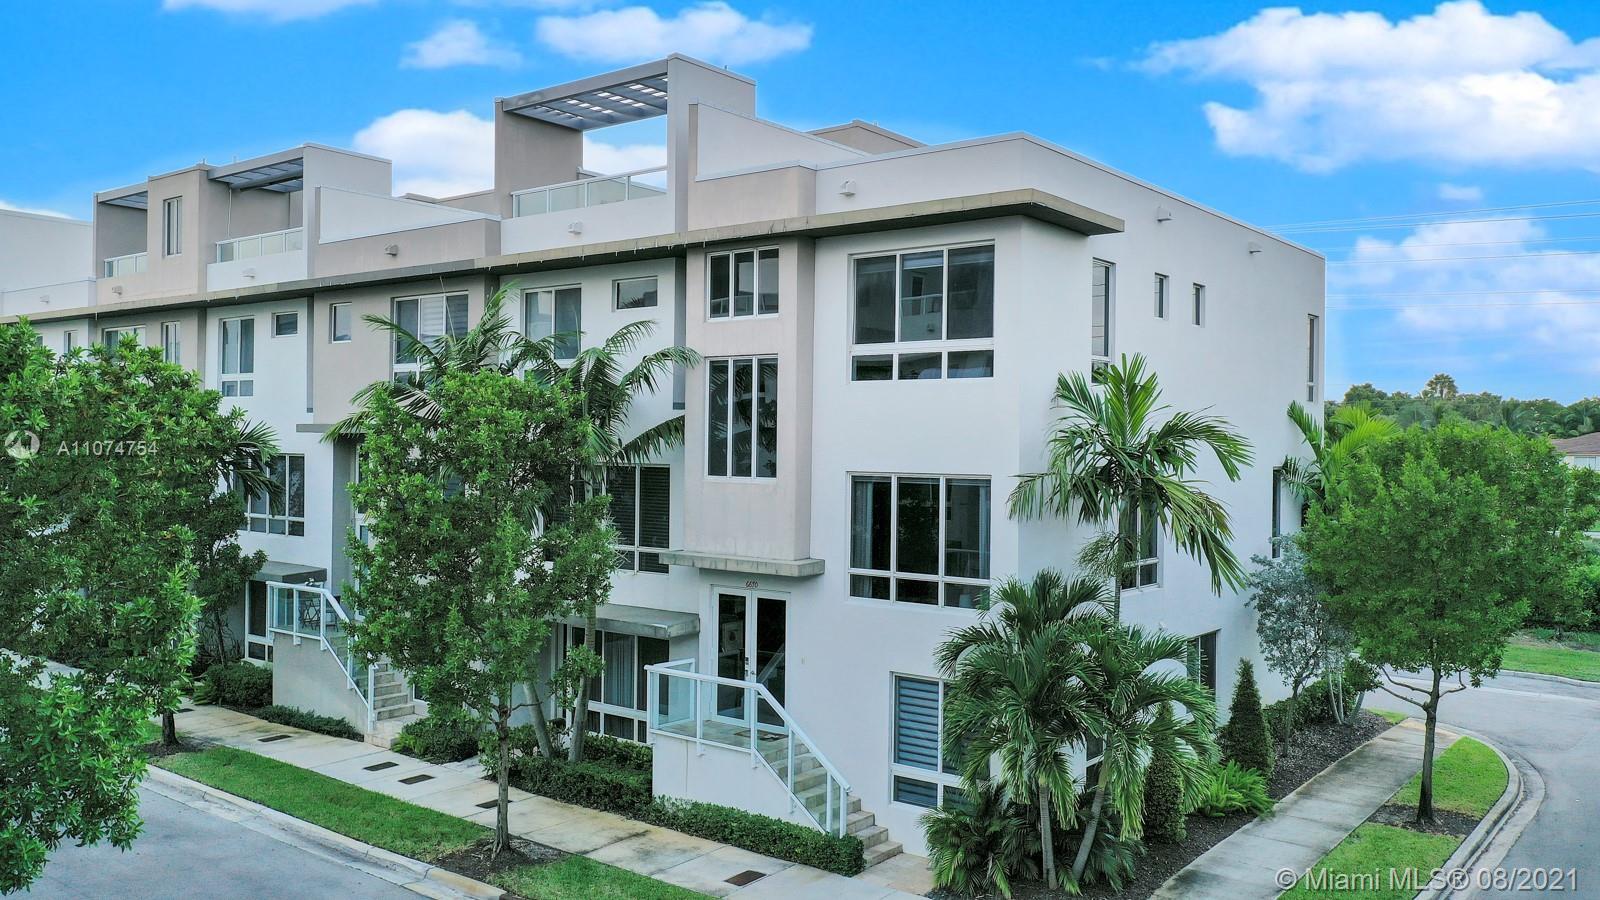 Landmark At Doral - 6670 NW 105th Pl, Doral, FL 33178